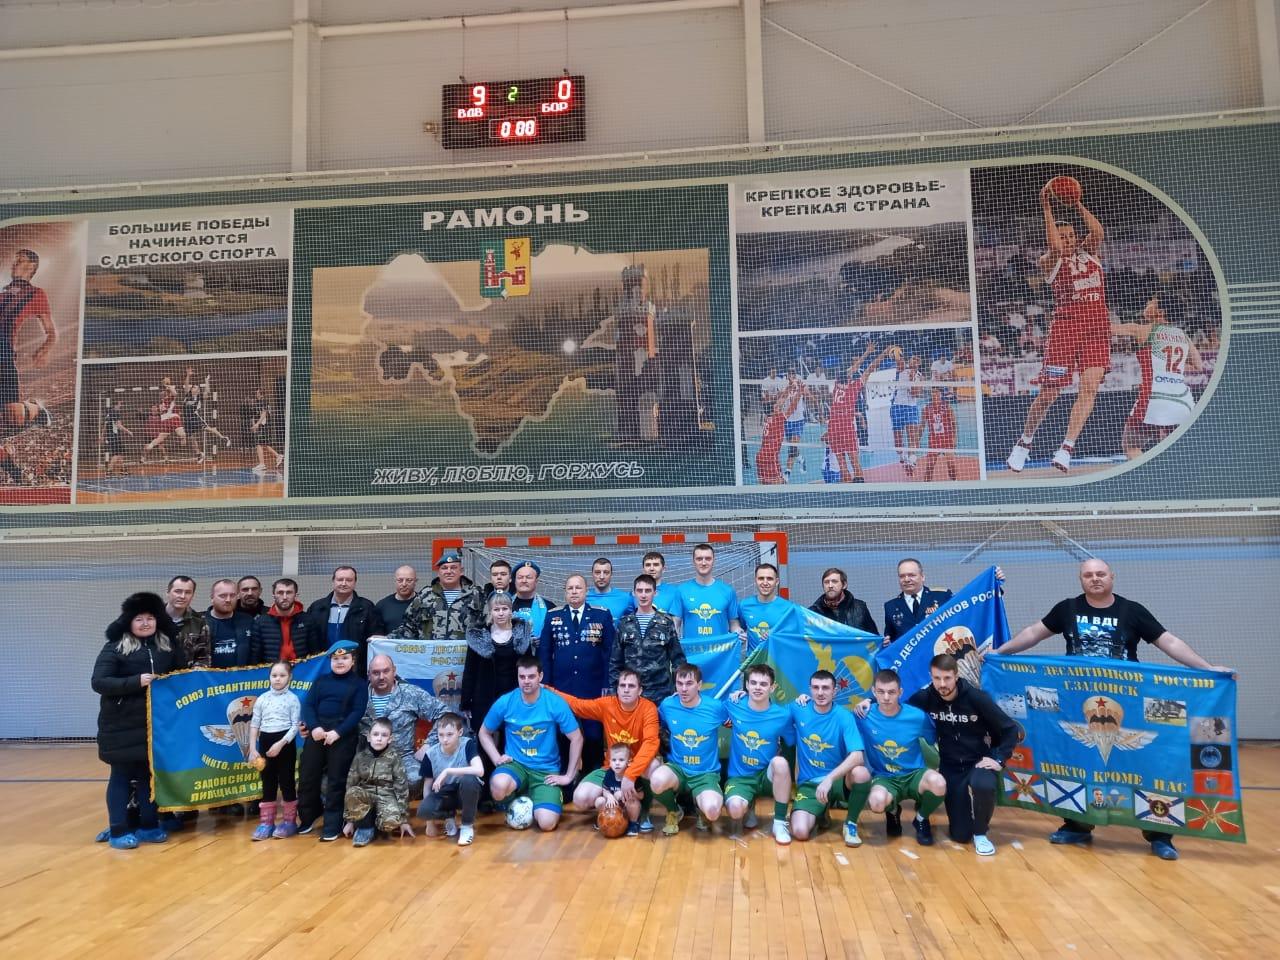 Футбольная команда ВДВ